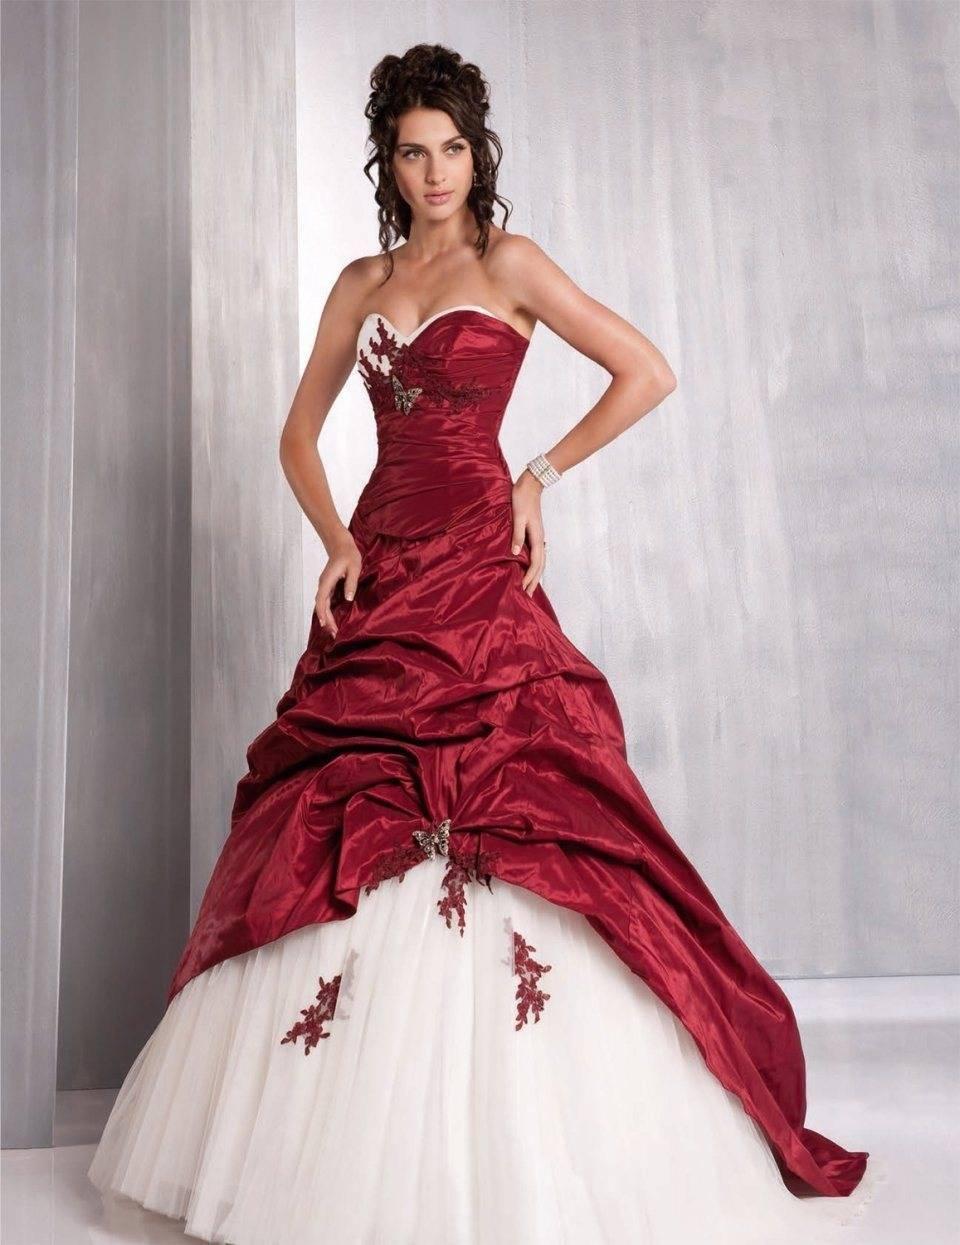 Яркая альтернатива белому наряду невесты — красное свадебное платье